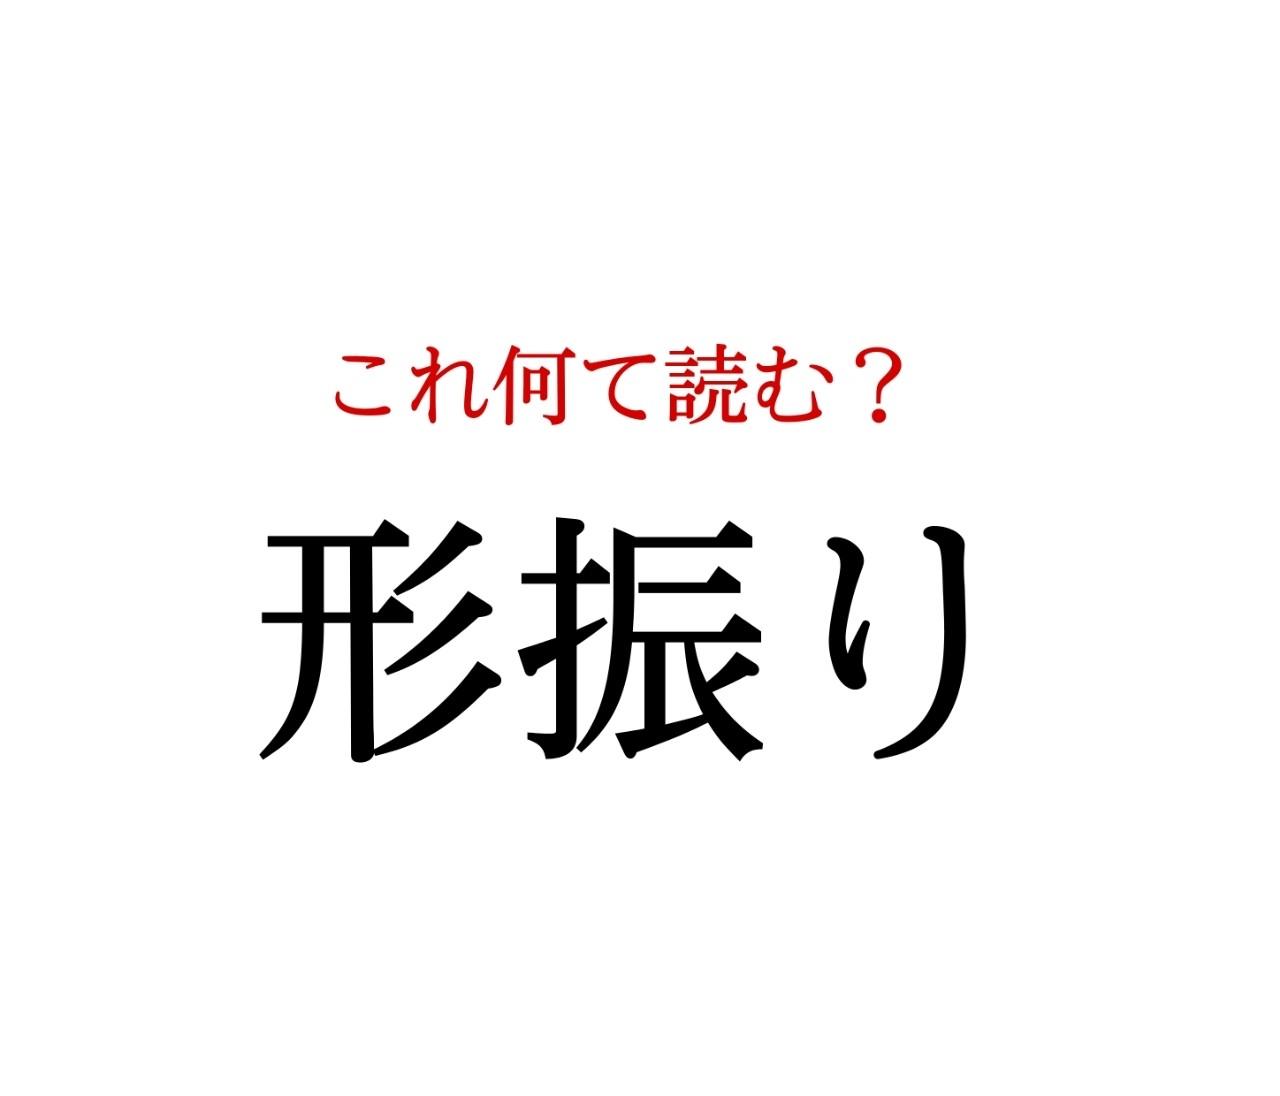 「形振り」:この漢字、自信を持って読めますか?【働く大人の漢字クイズvol.76】